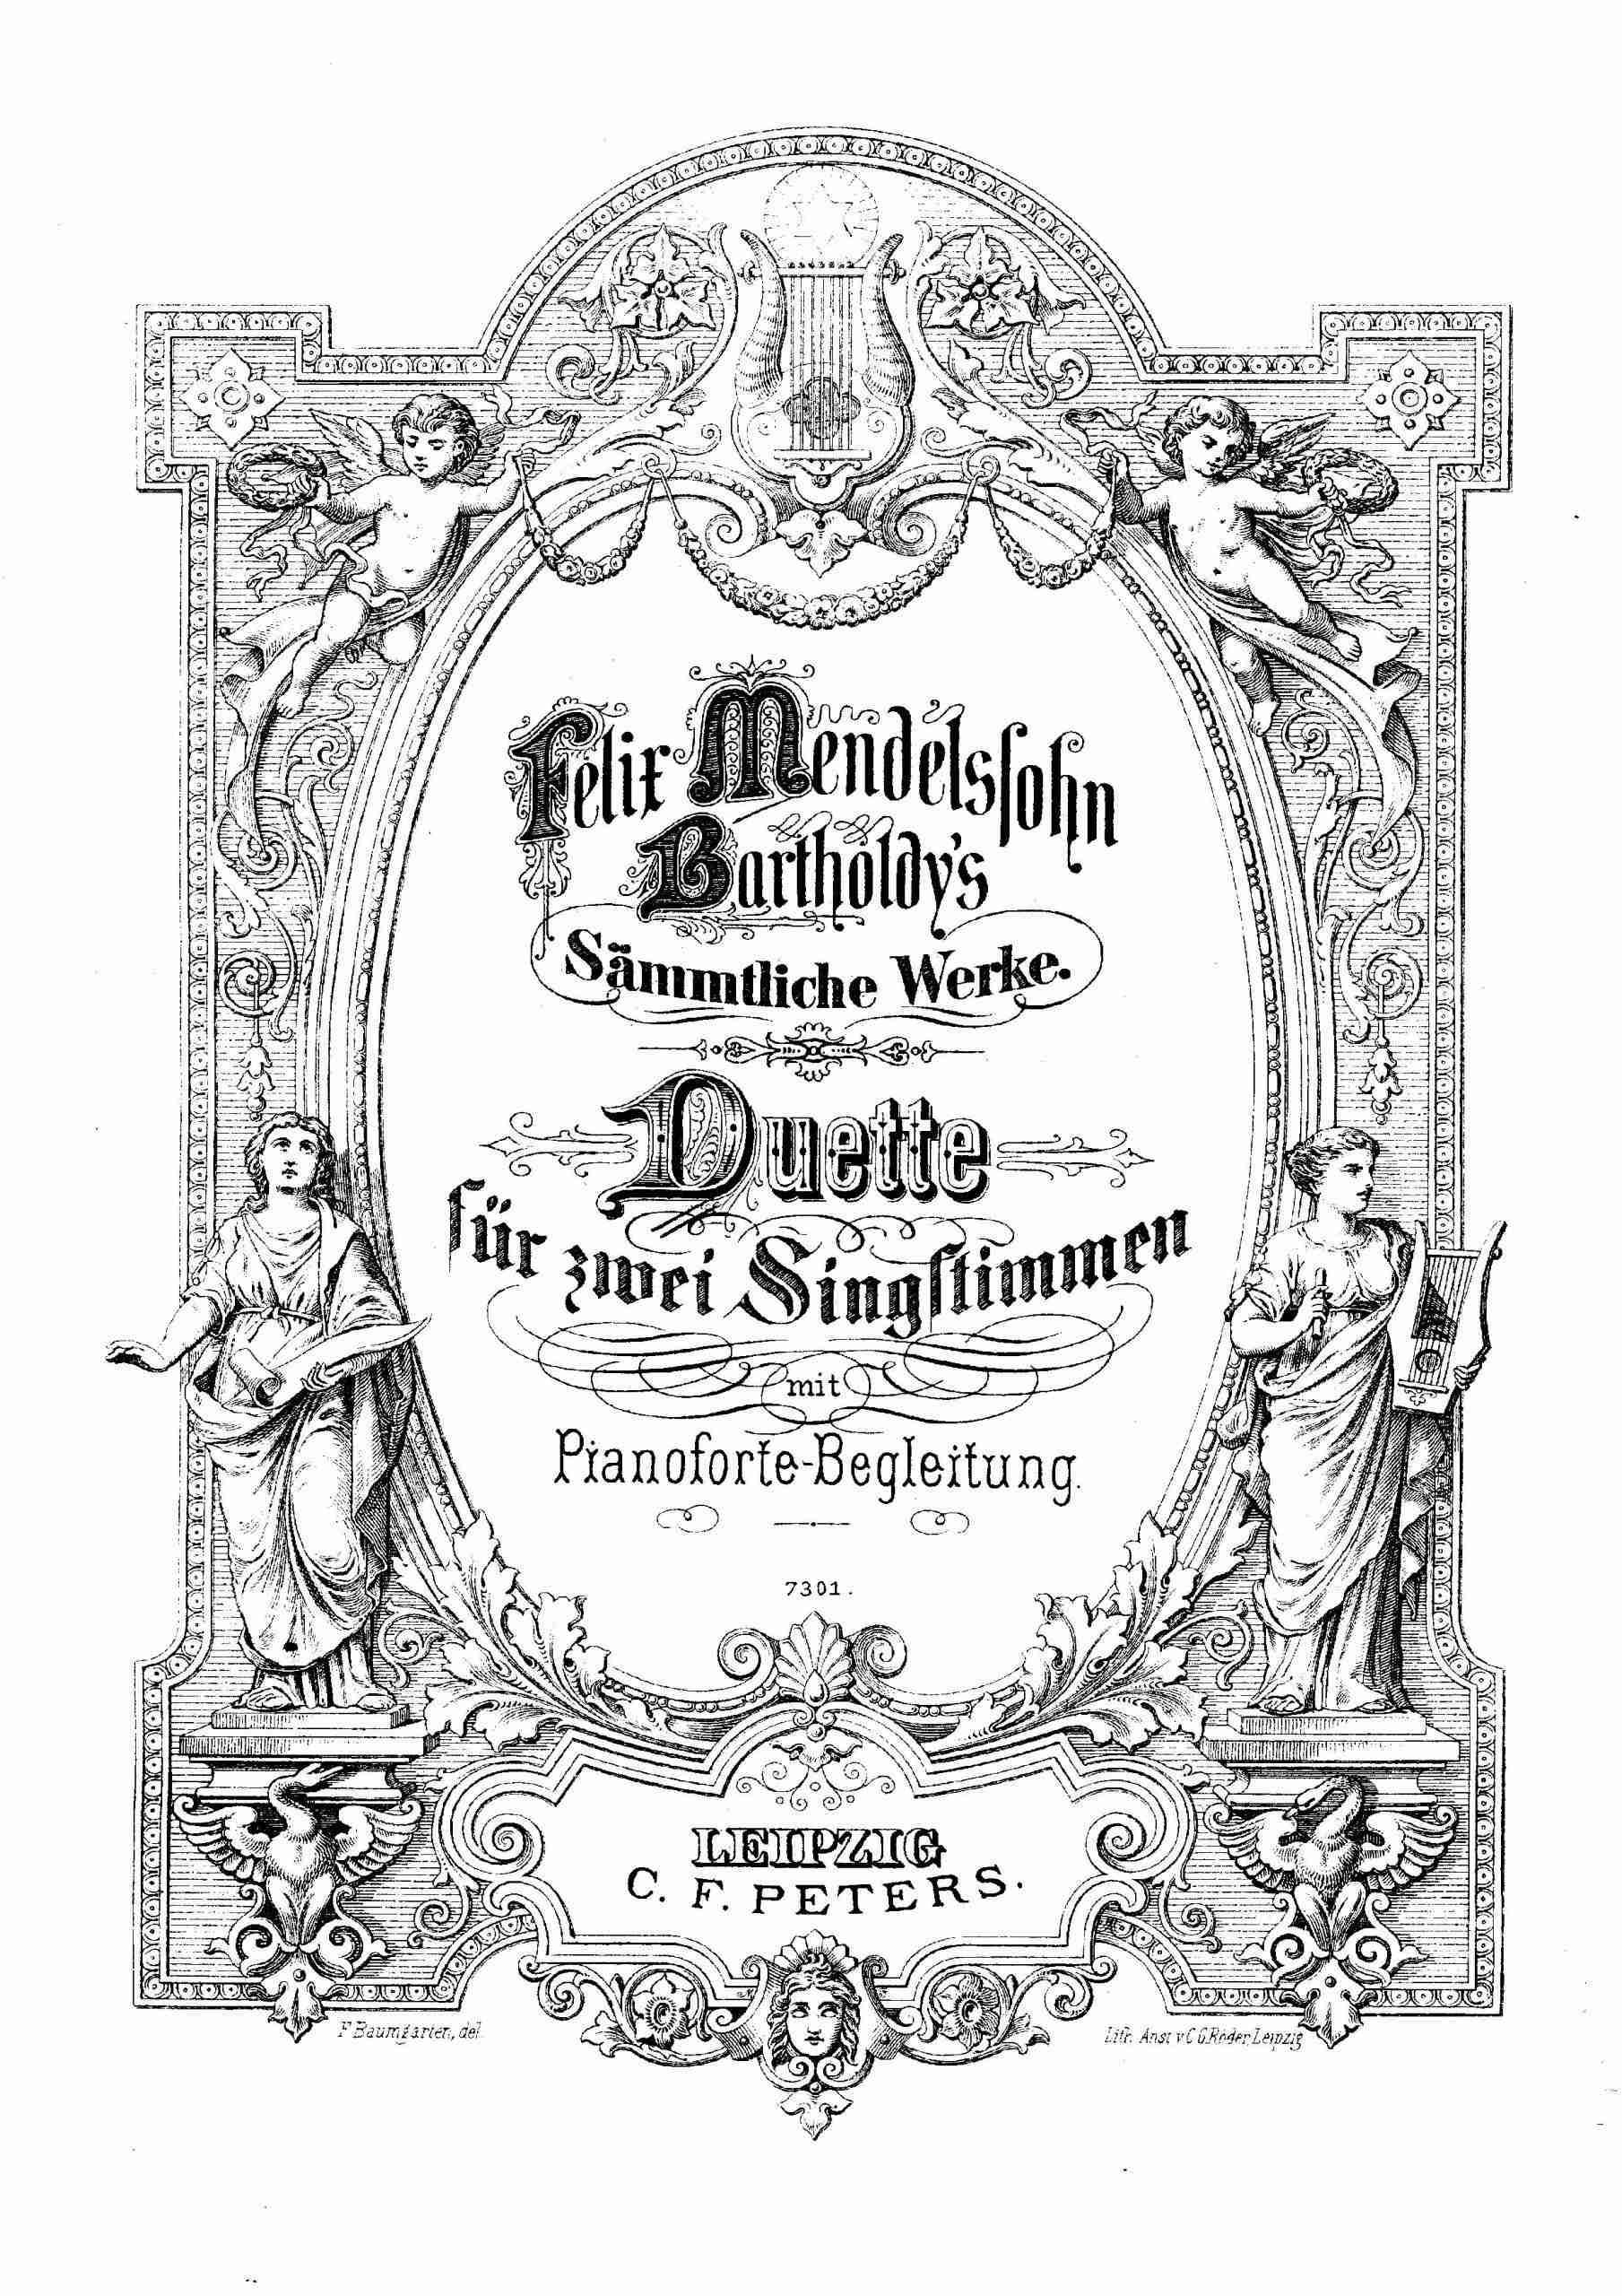 Mendelssohn, Felix - Duette für zwei Singstimmen